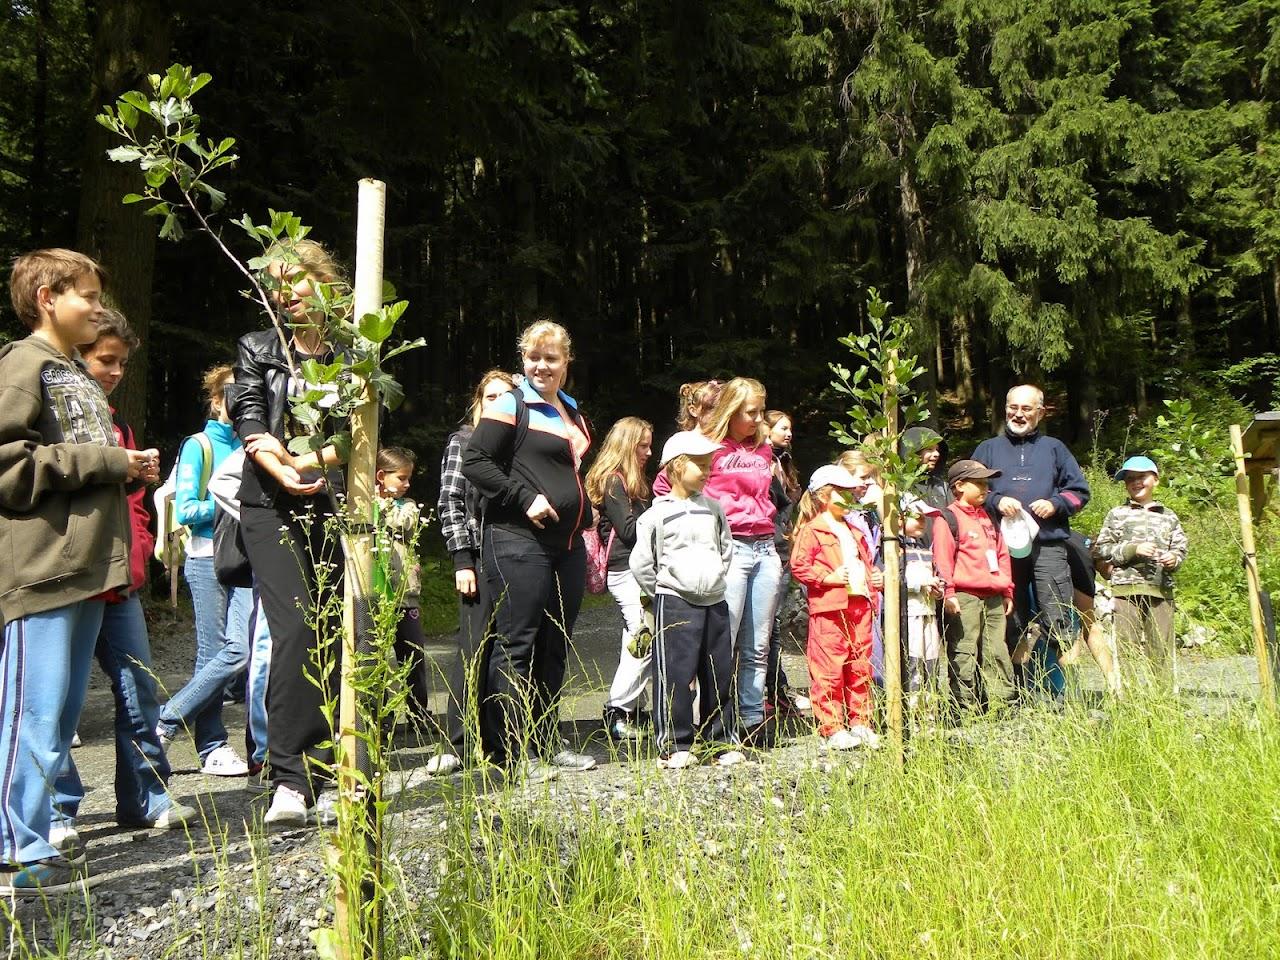 Tábor - Veľké Karlovice - fotka 166.JPG